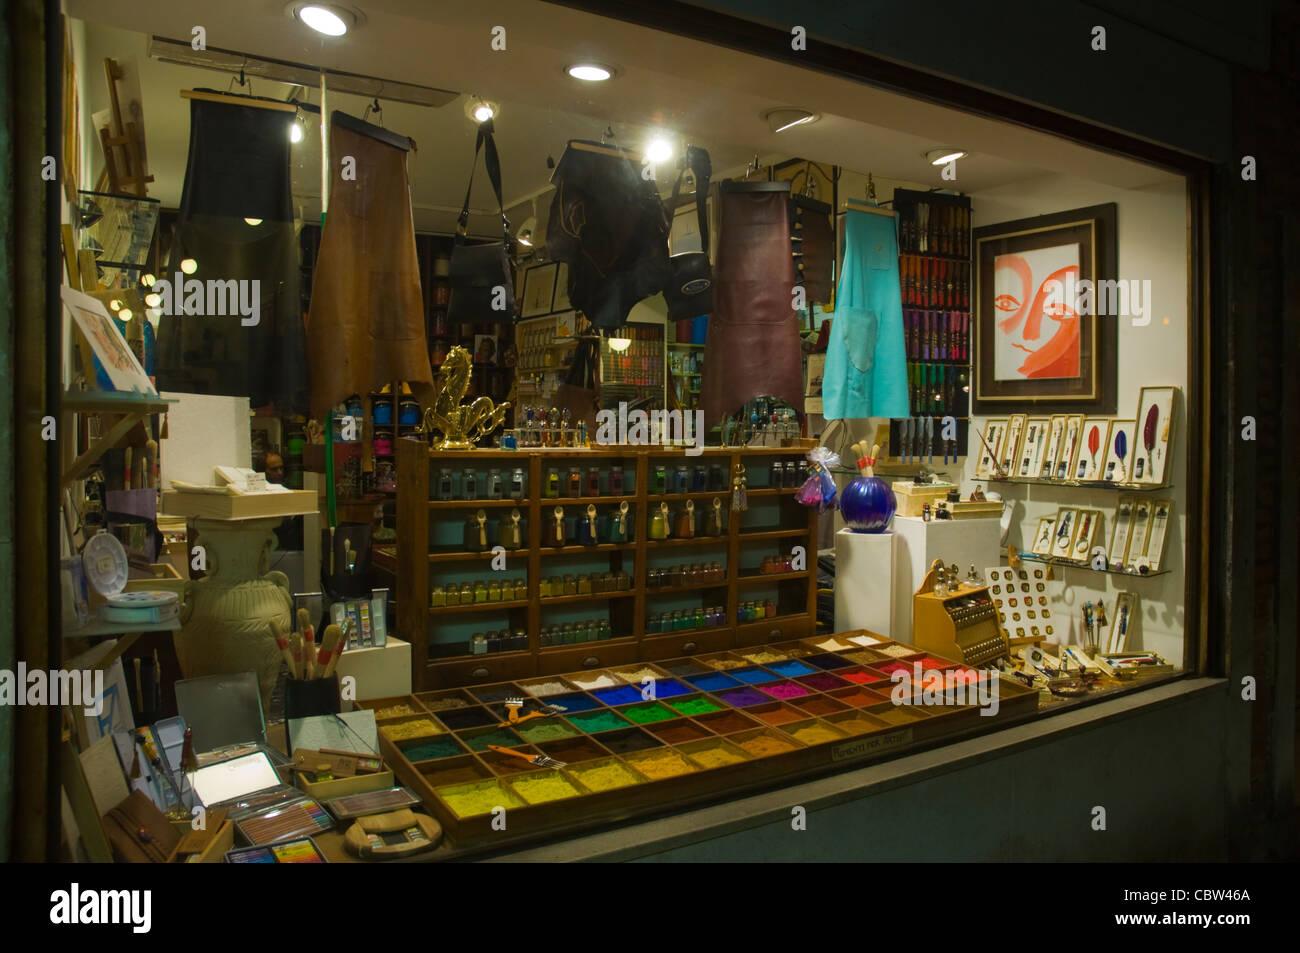 Exterior Art Shop Venice Italy Stock Photos & Exterior Art Shop ...